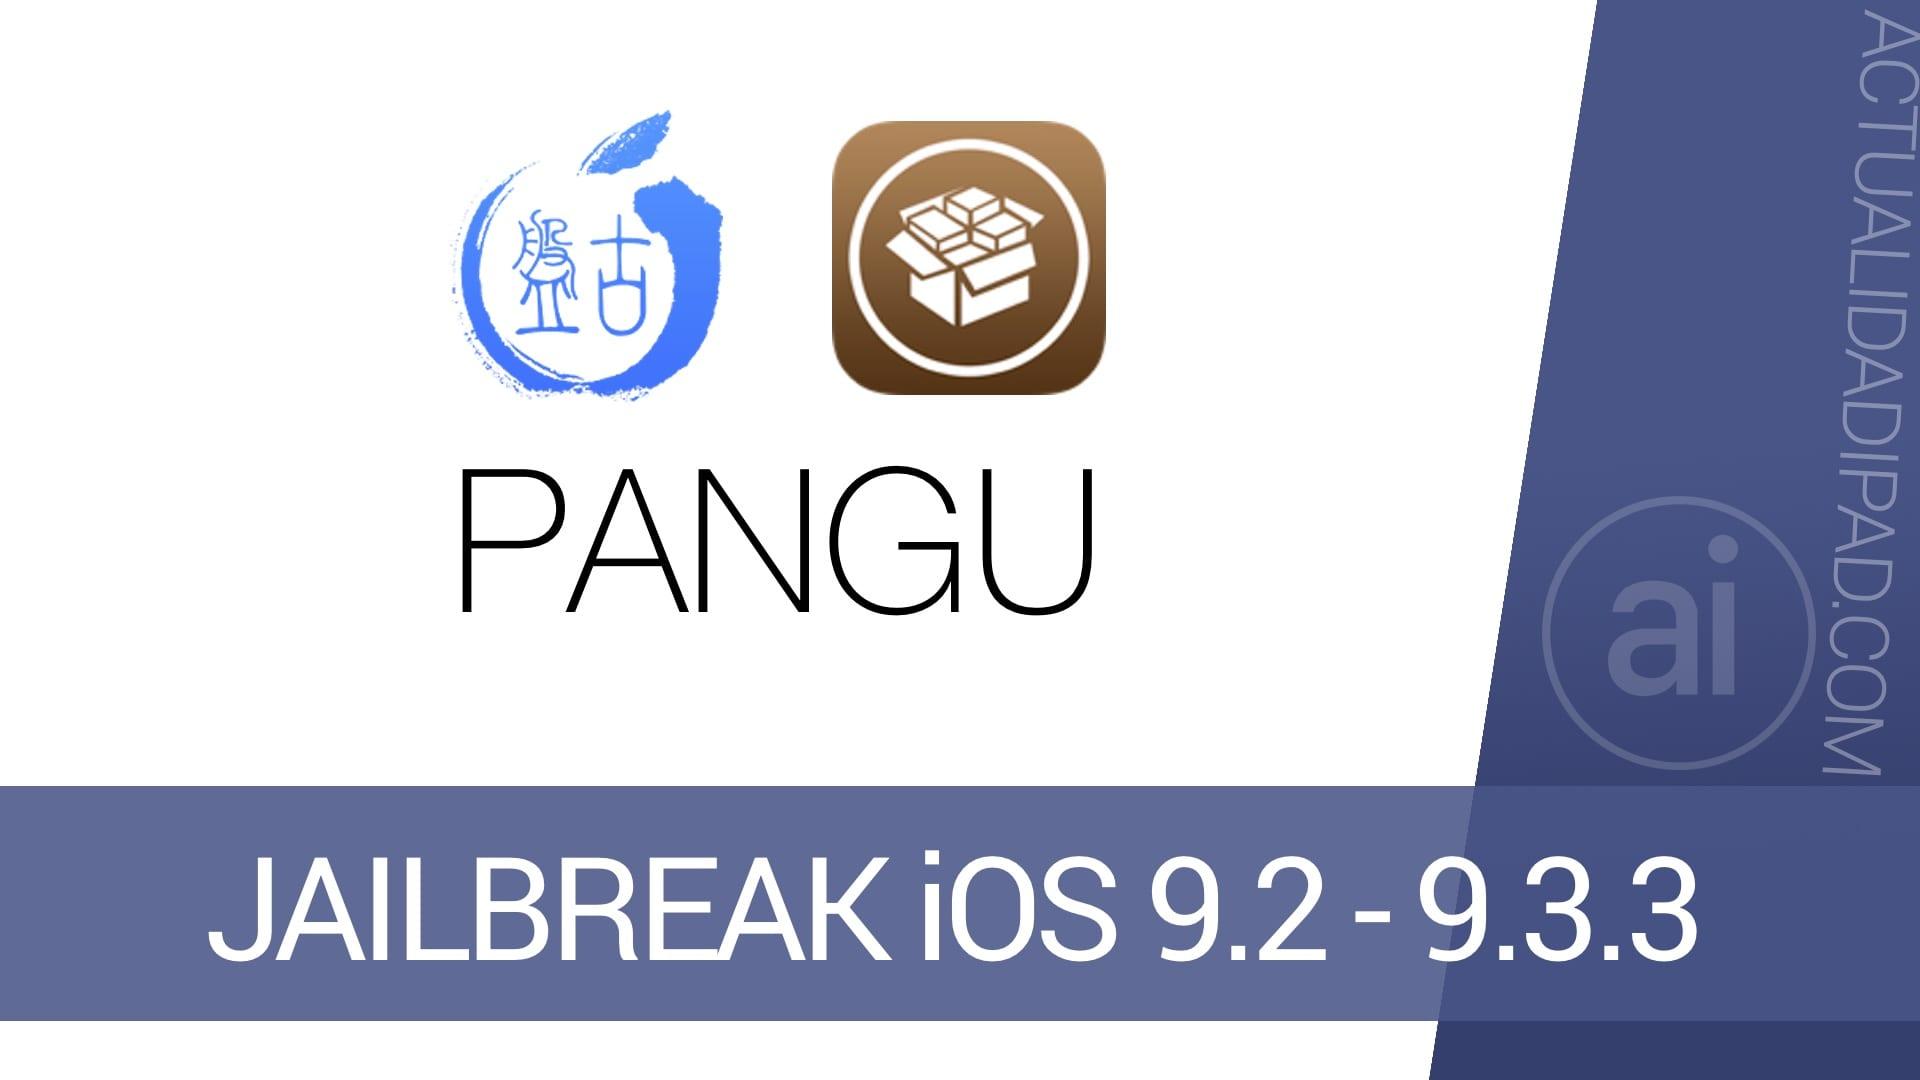 Cómo hacer Jailbreak a iOS 9 2 - 9 3 3 con Pangu